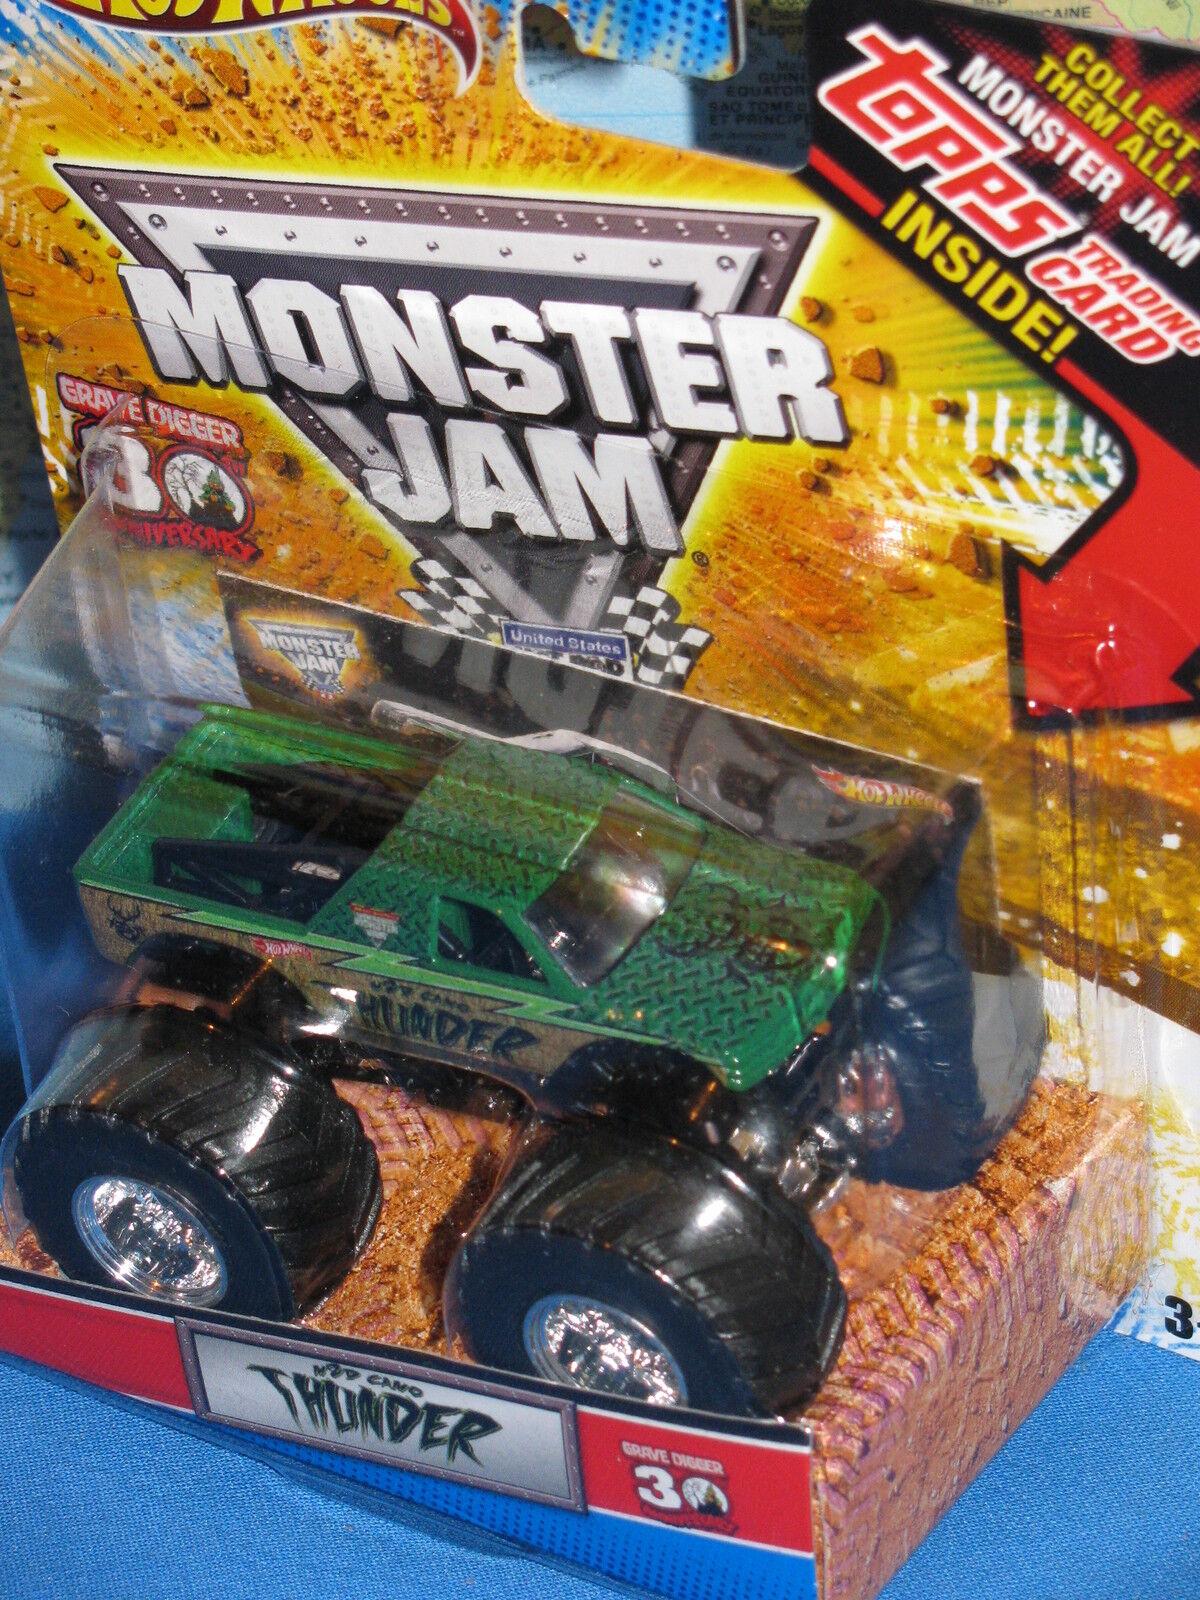 Hot Wheels Confiture de Monstre Thunder Camion 30ème Anniversaire Topps